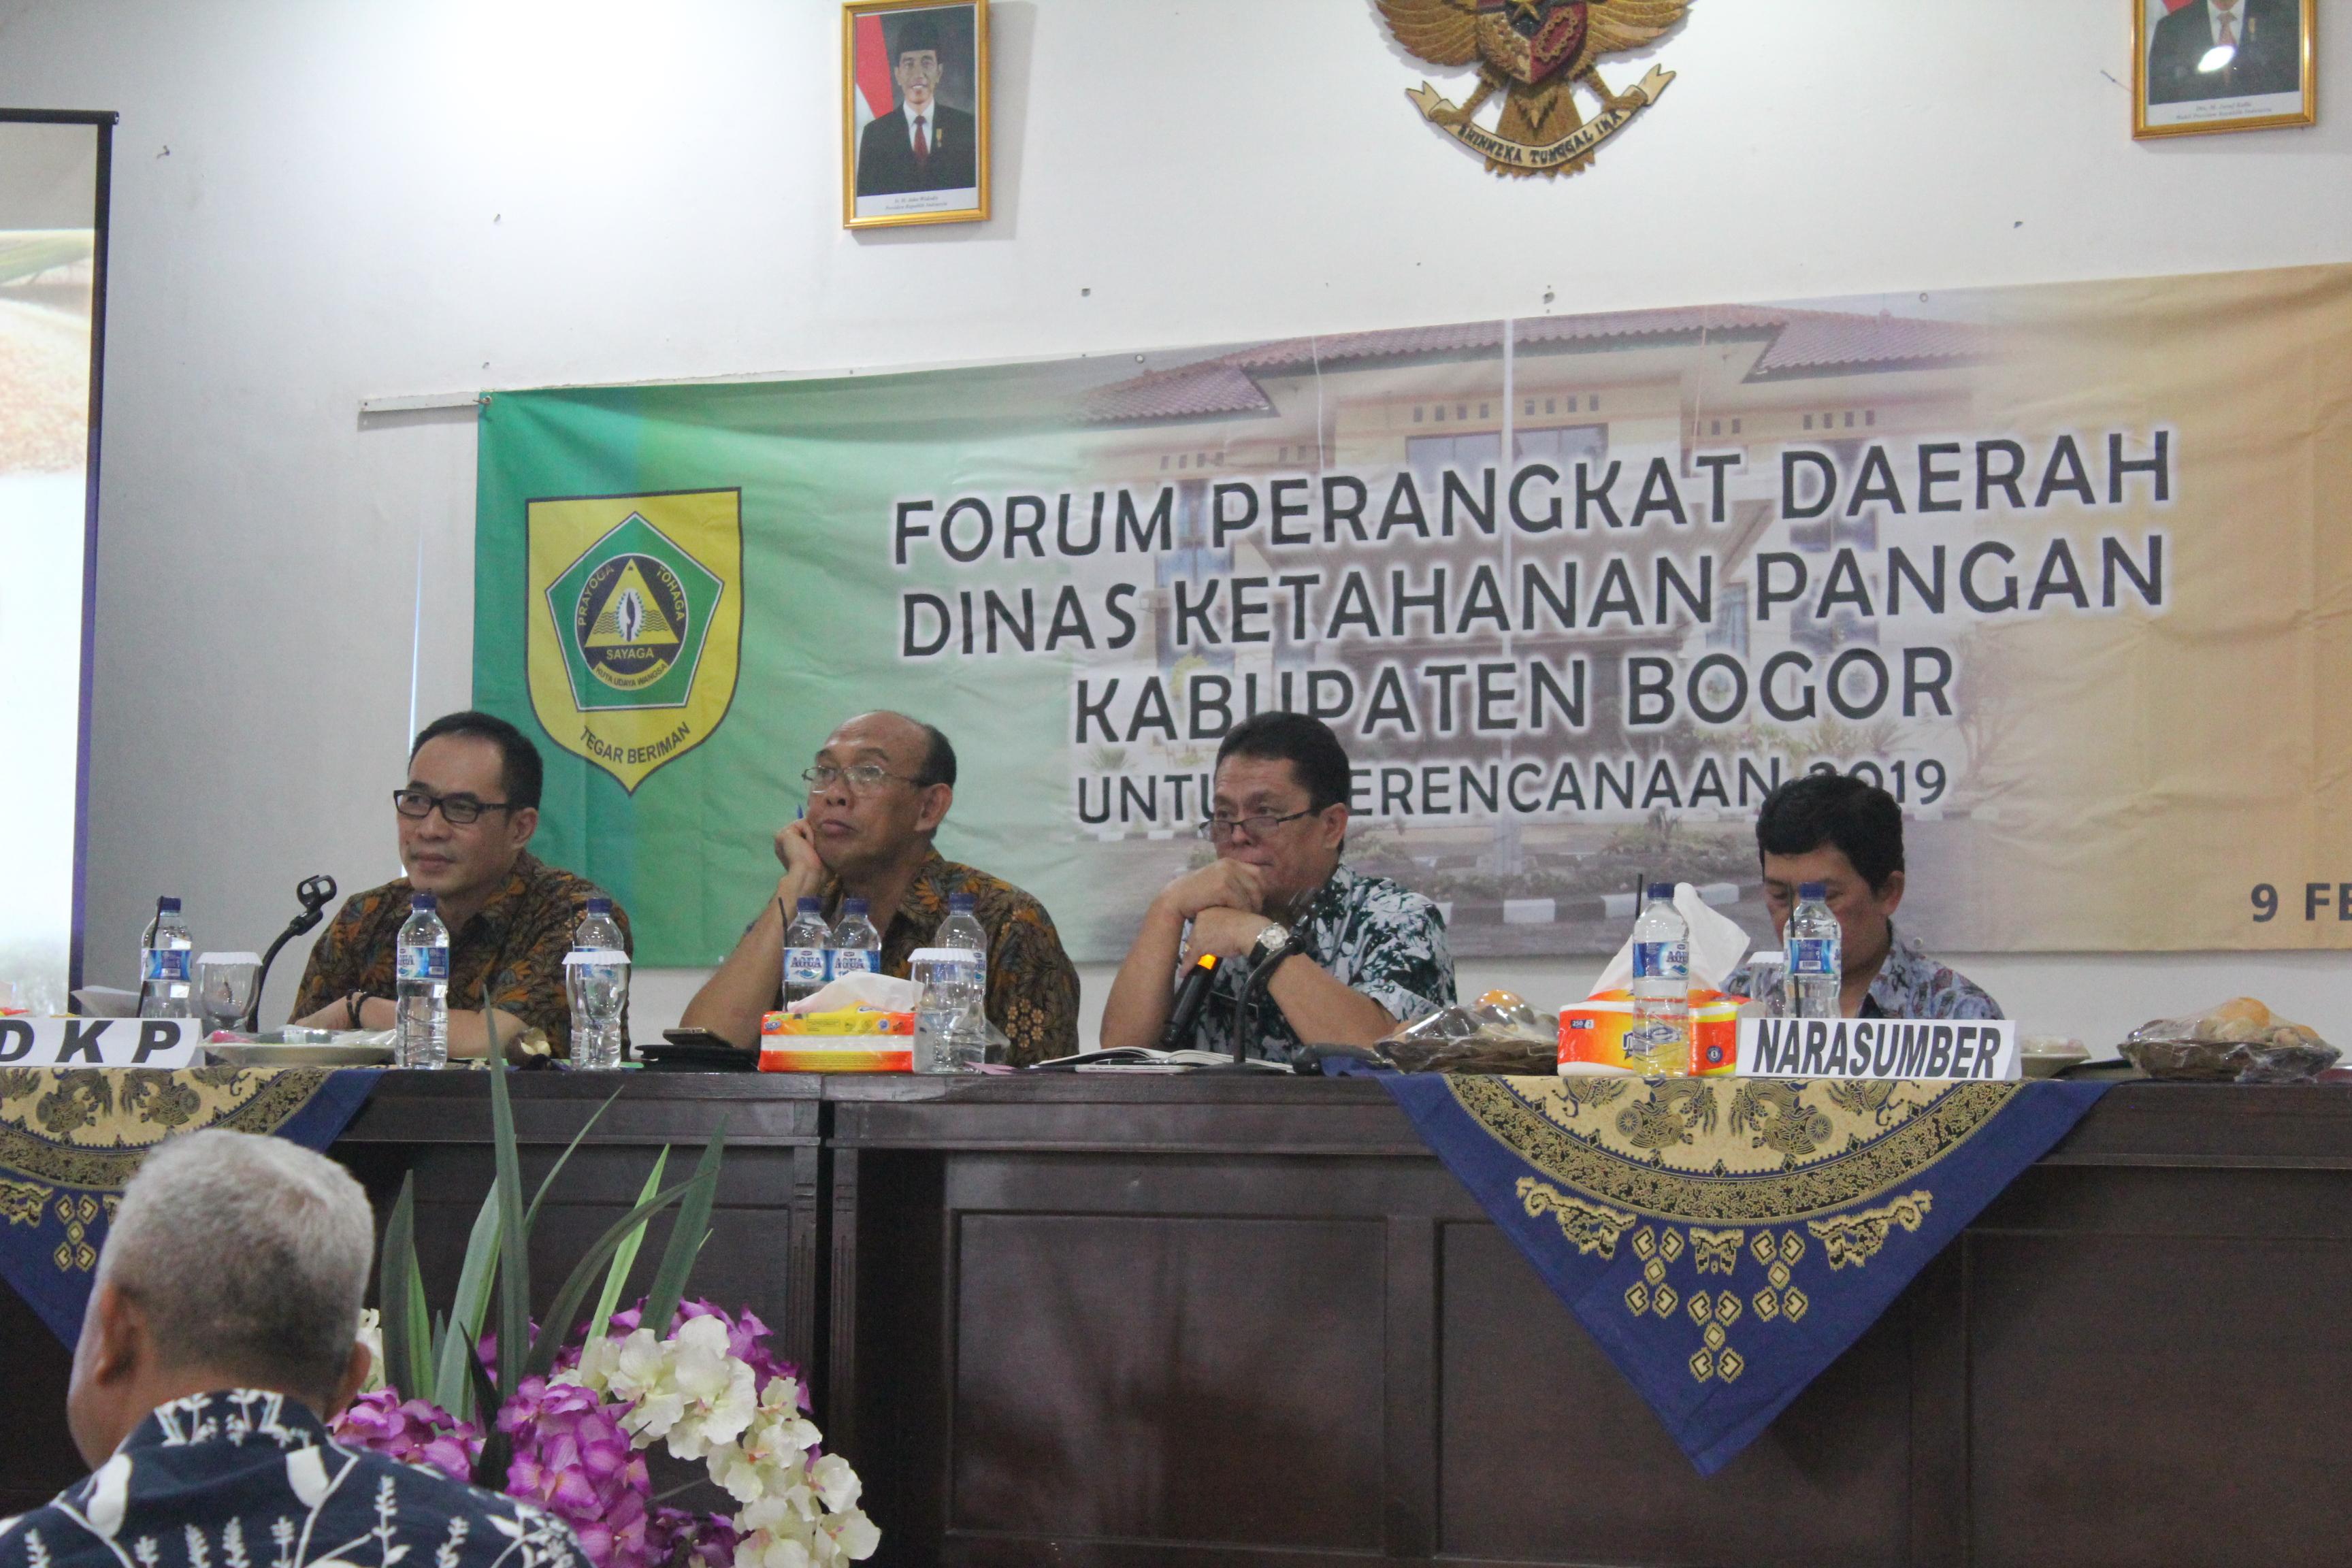 Forum Perangkat Daerah Dinas Ketahanan Pangan Kab. Bogor tanggal 09 Februari 2018